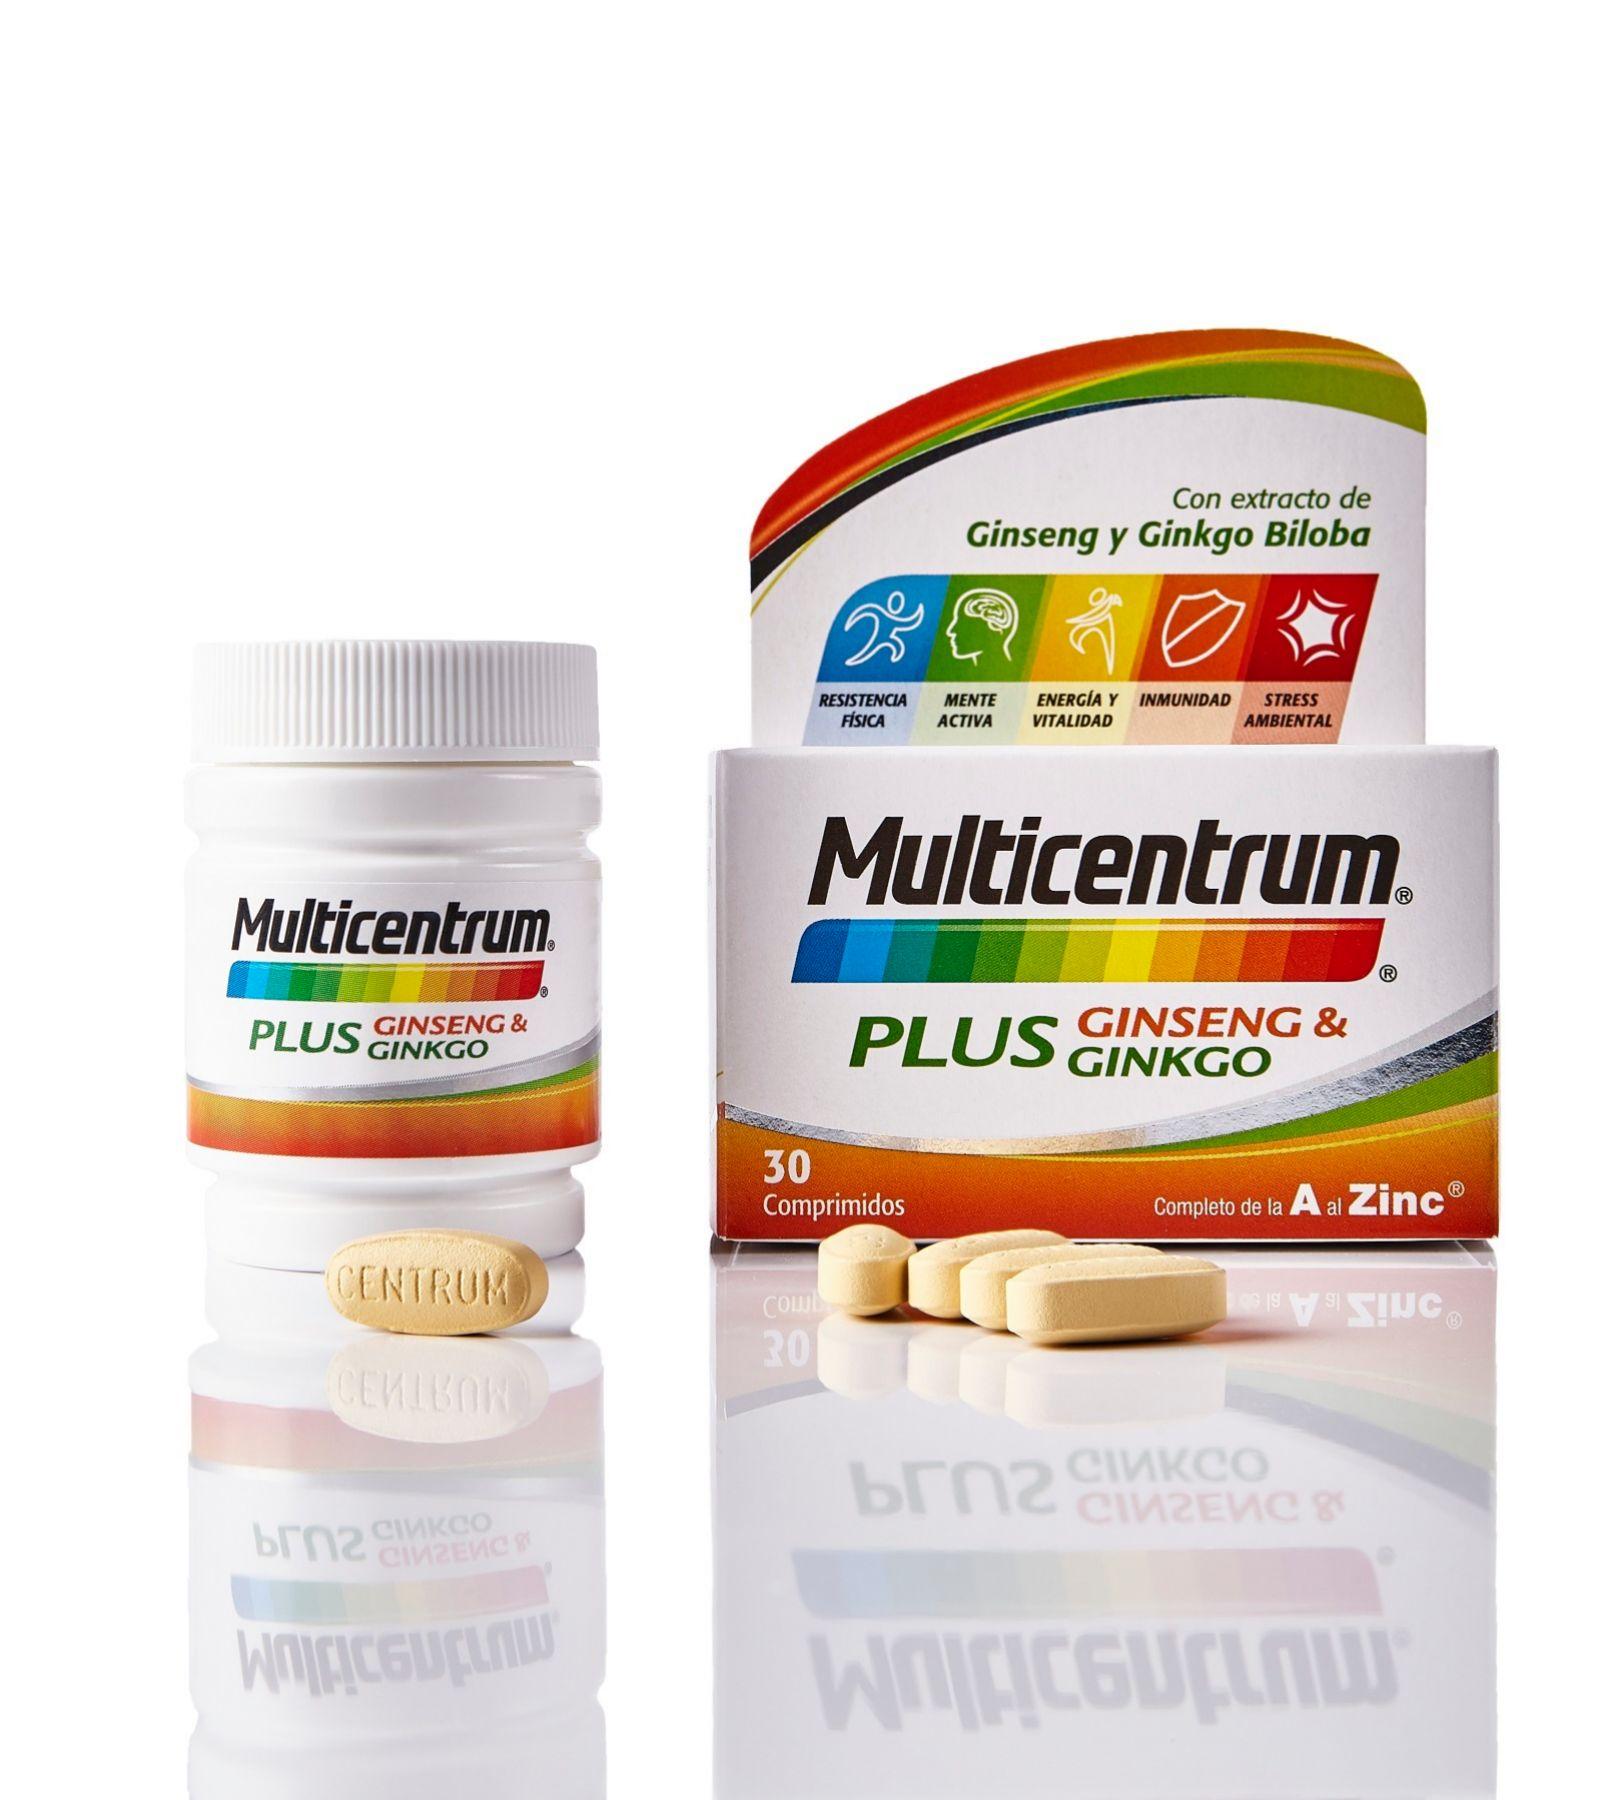 Multicentrum Plus. Con extracto de ginseng y ginkgo biloba (9, 80 euros).